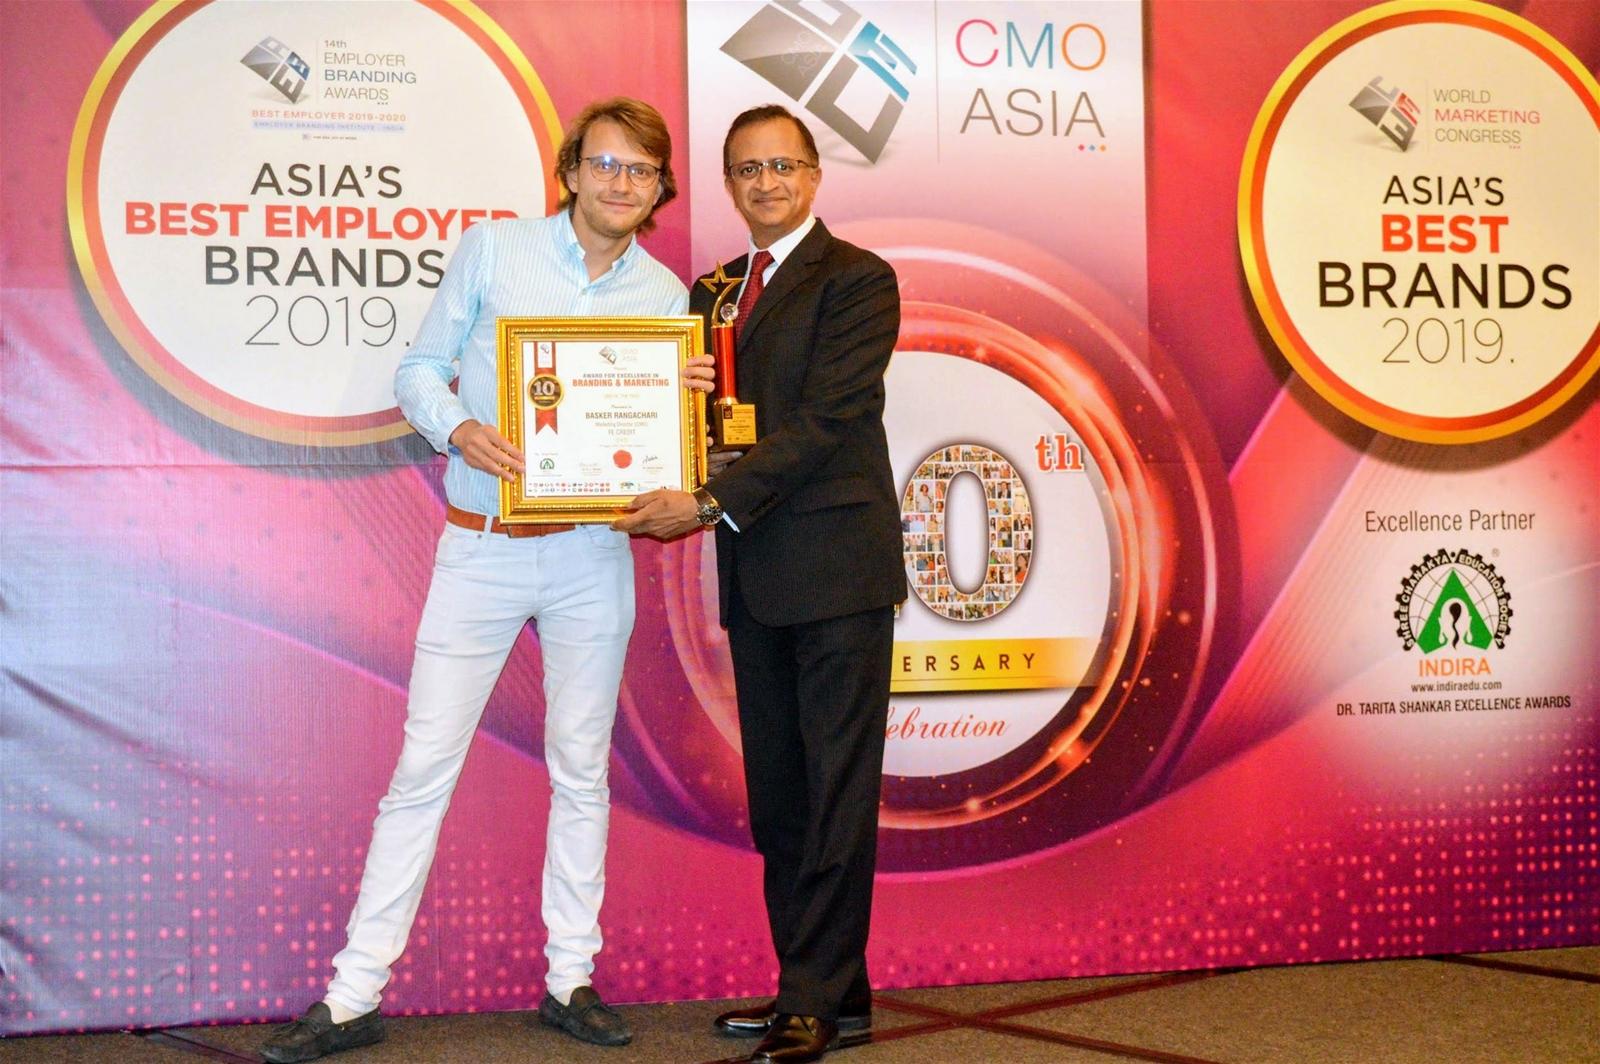 FE Credit ghi dấu thêm 3 giải thưởng tại Lễ trao giải CMO Asia 2019